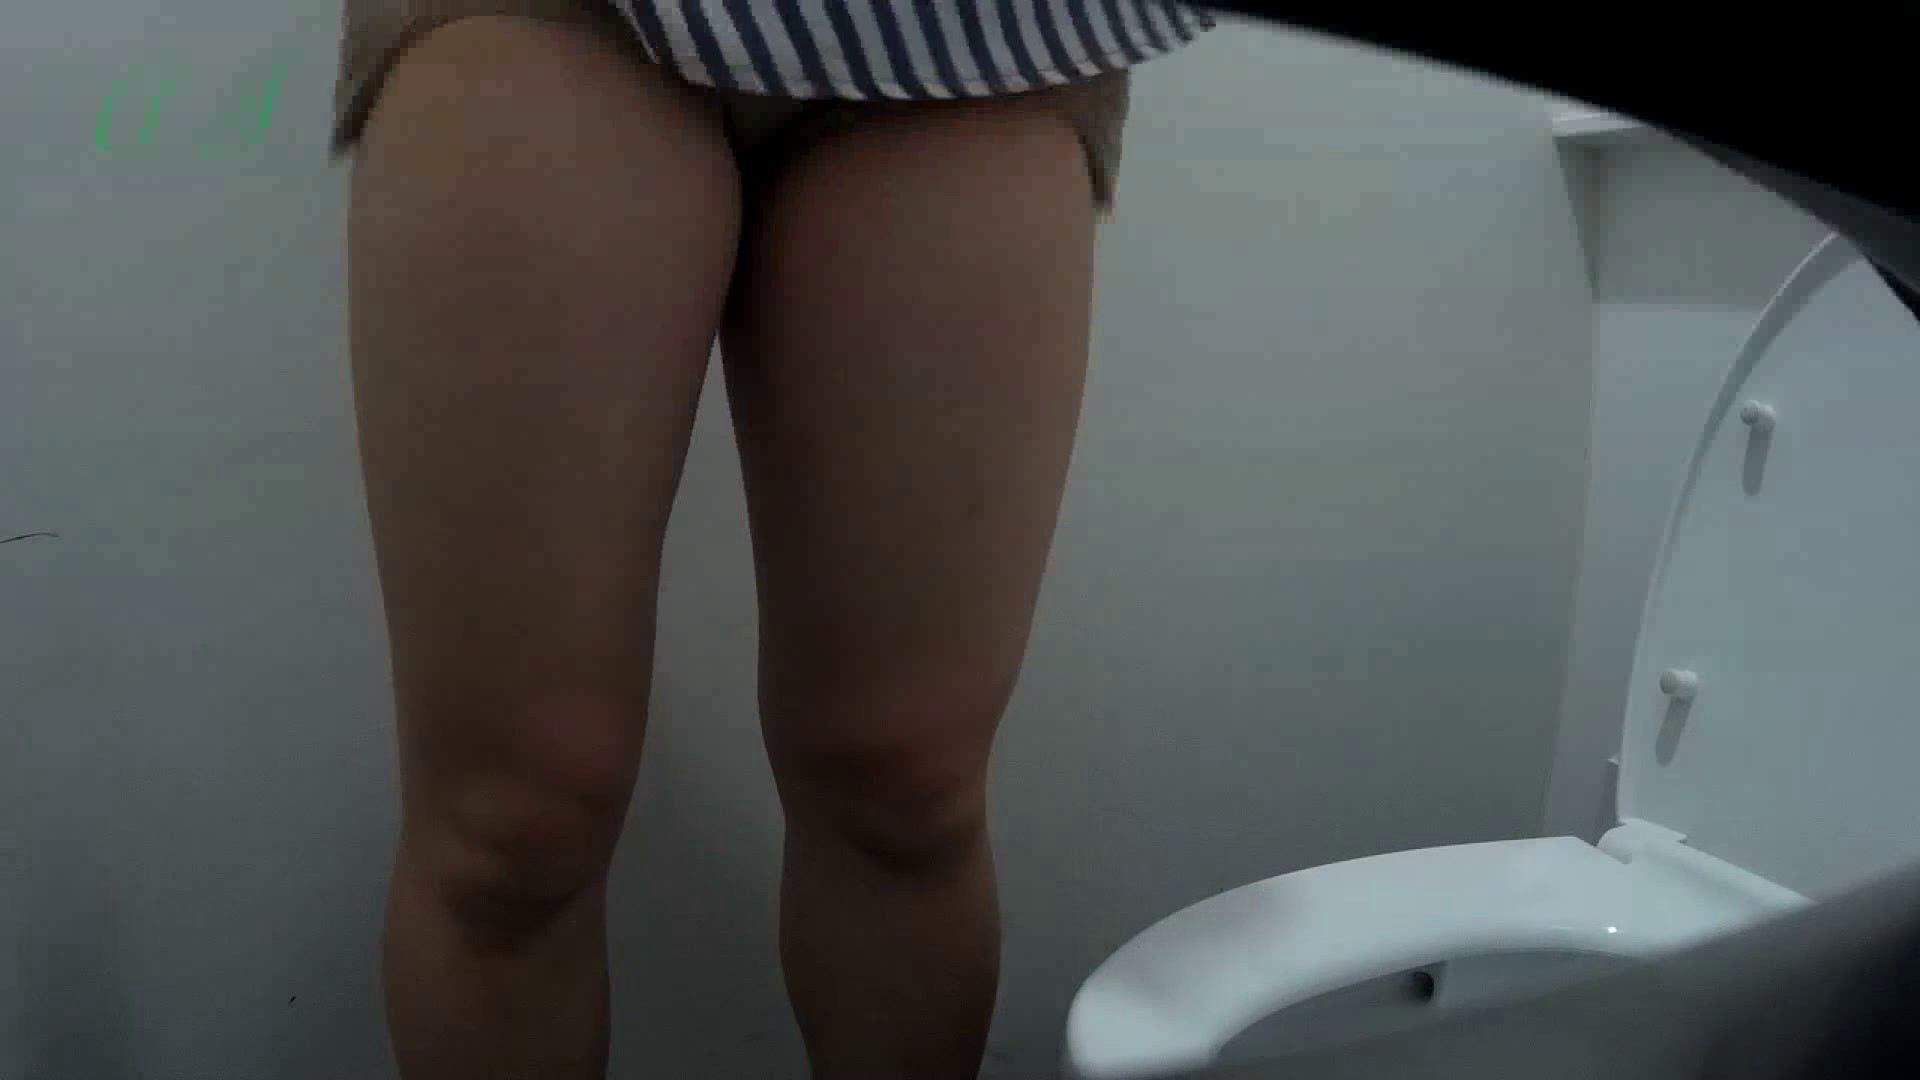 有名大学女性洗面所 vol.67トイレの女神さま♪ トイレ 盗撮われめAV動画紹介 108PICs 105